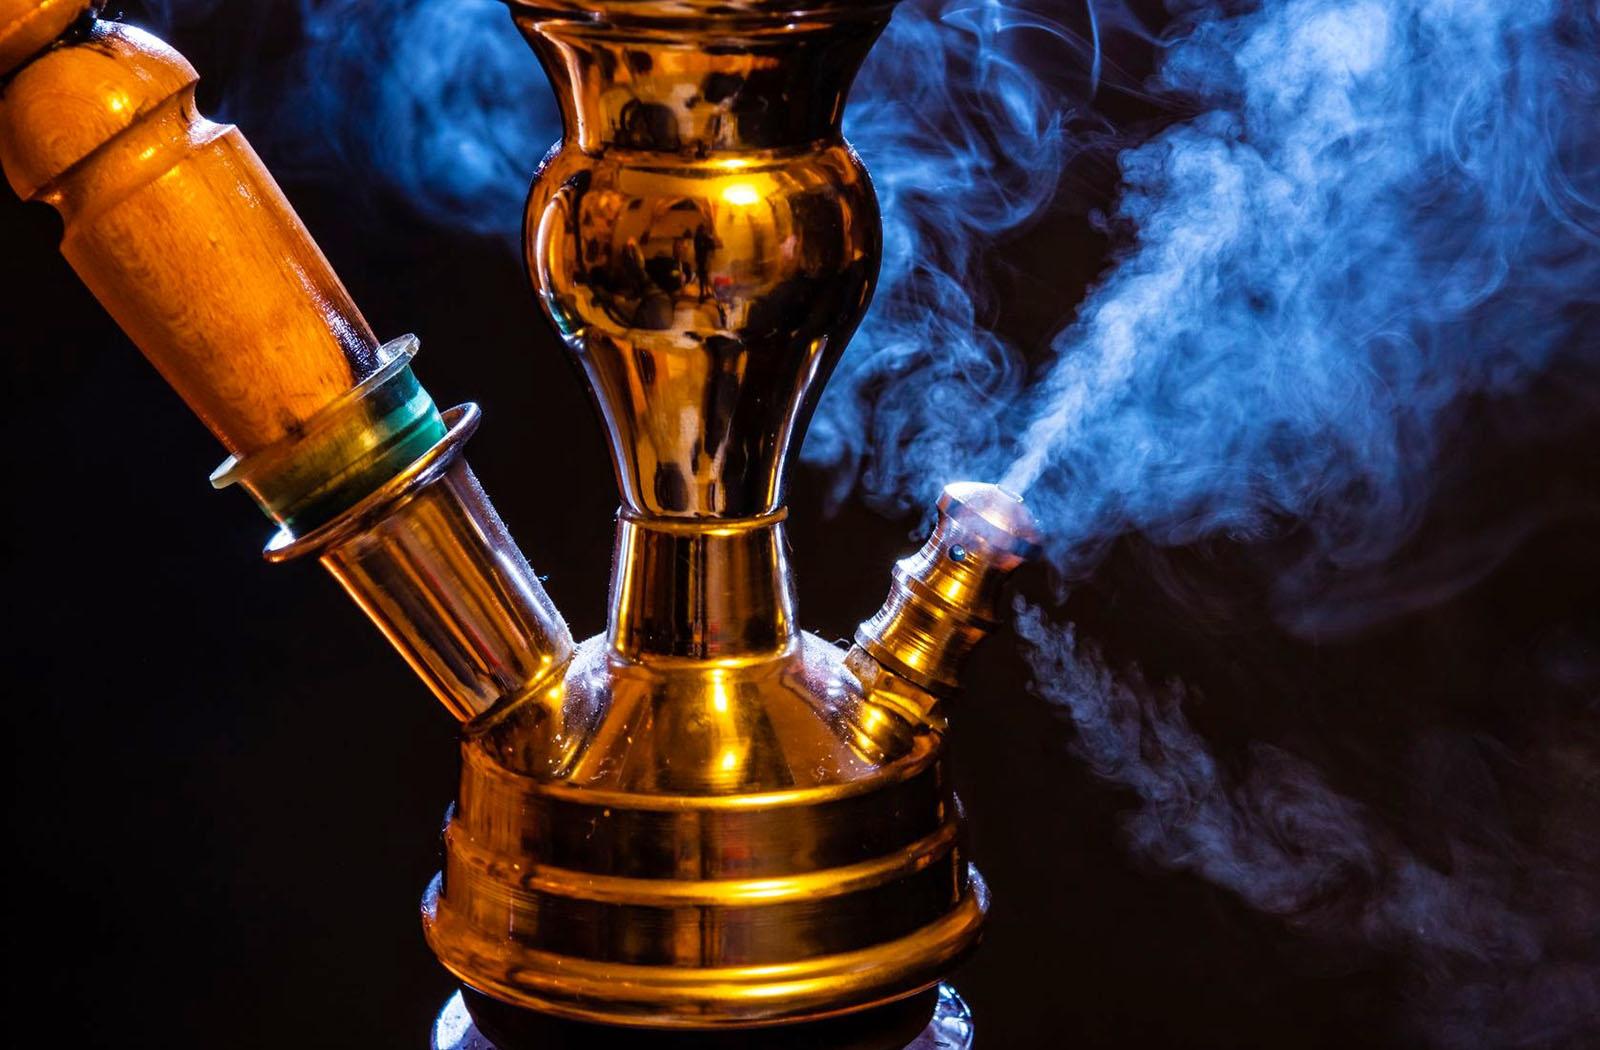 Запрет на курение кальянов в кафе поддержал Минздрав РФ